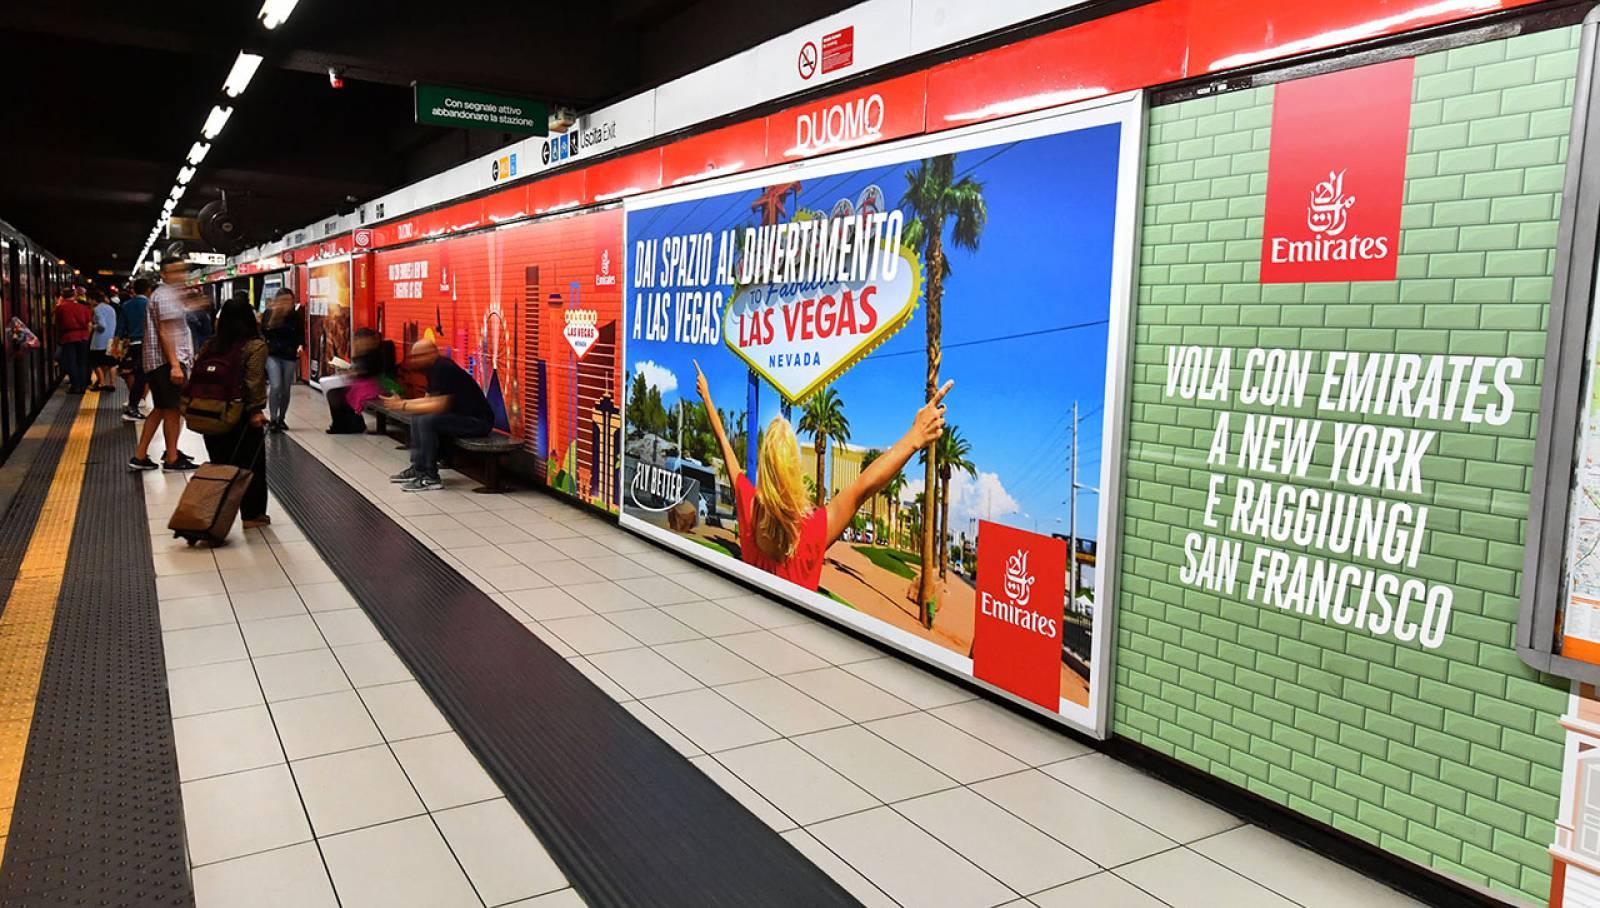 Pubblicità metro Milano IGPDecaux Station Domination per Emirates